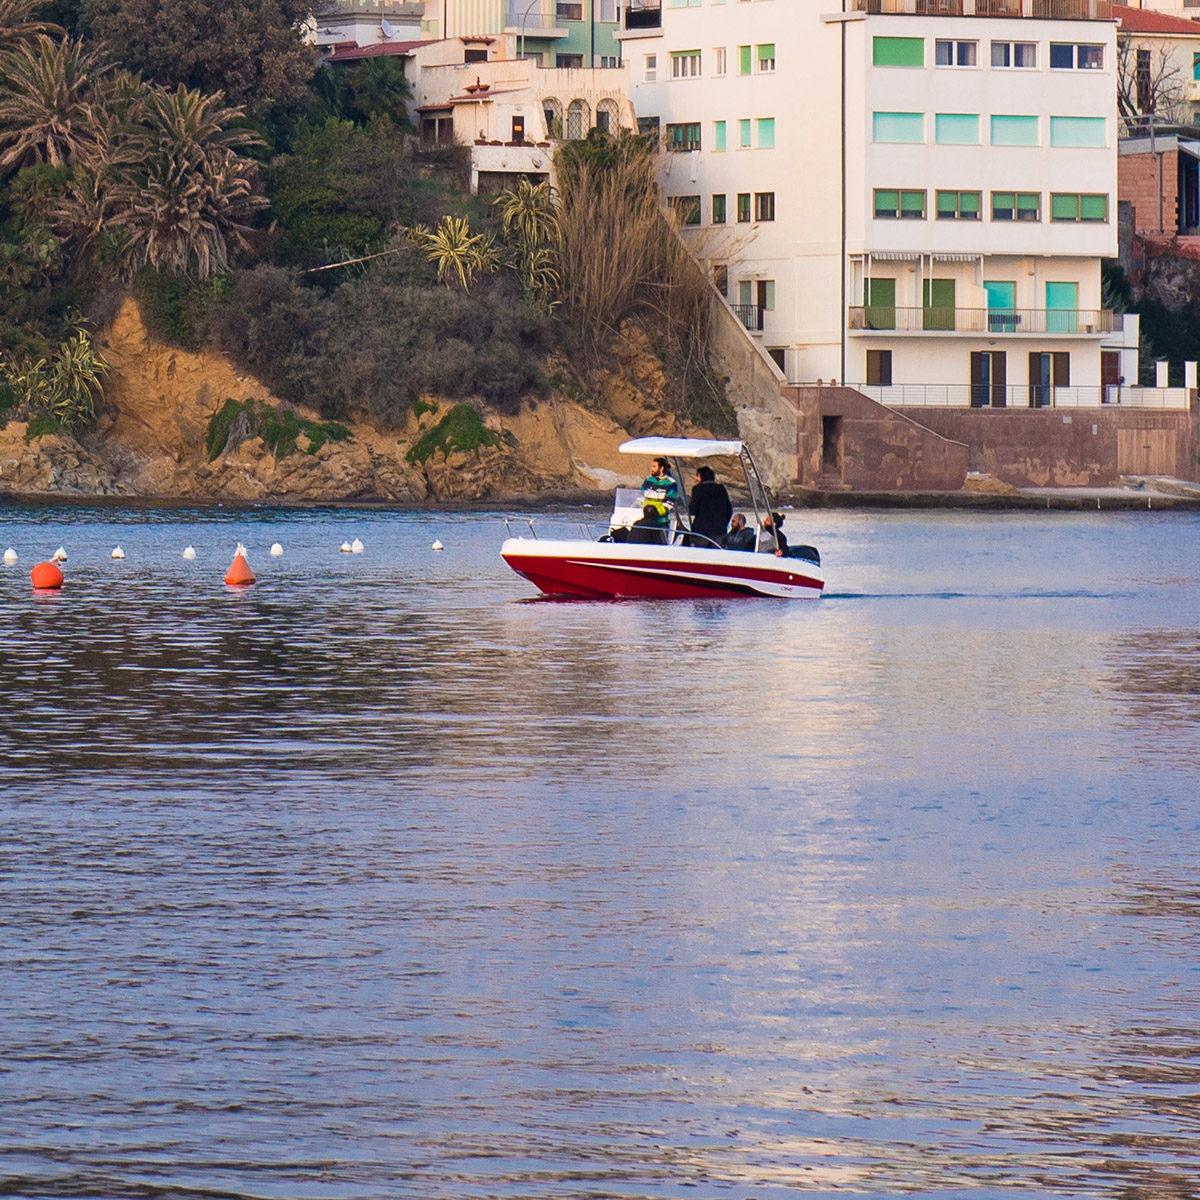 barca con sollevatore per trasporto disabili